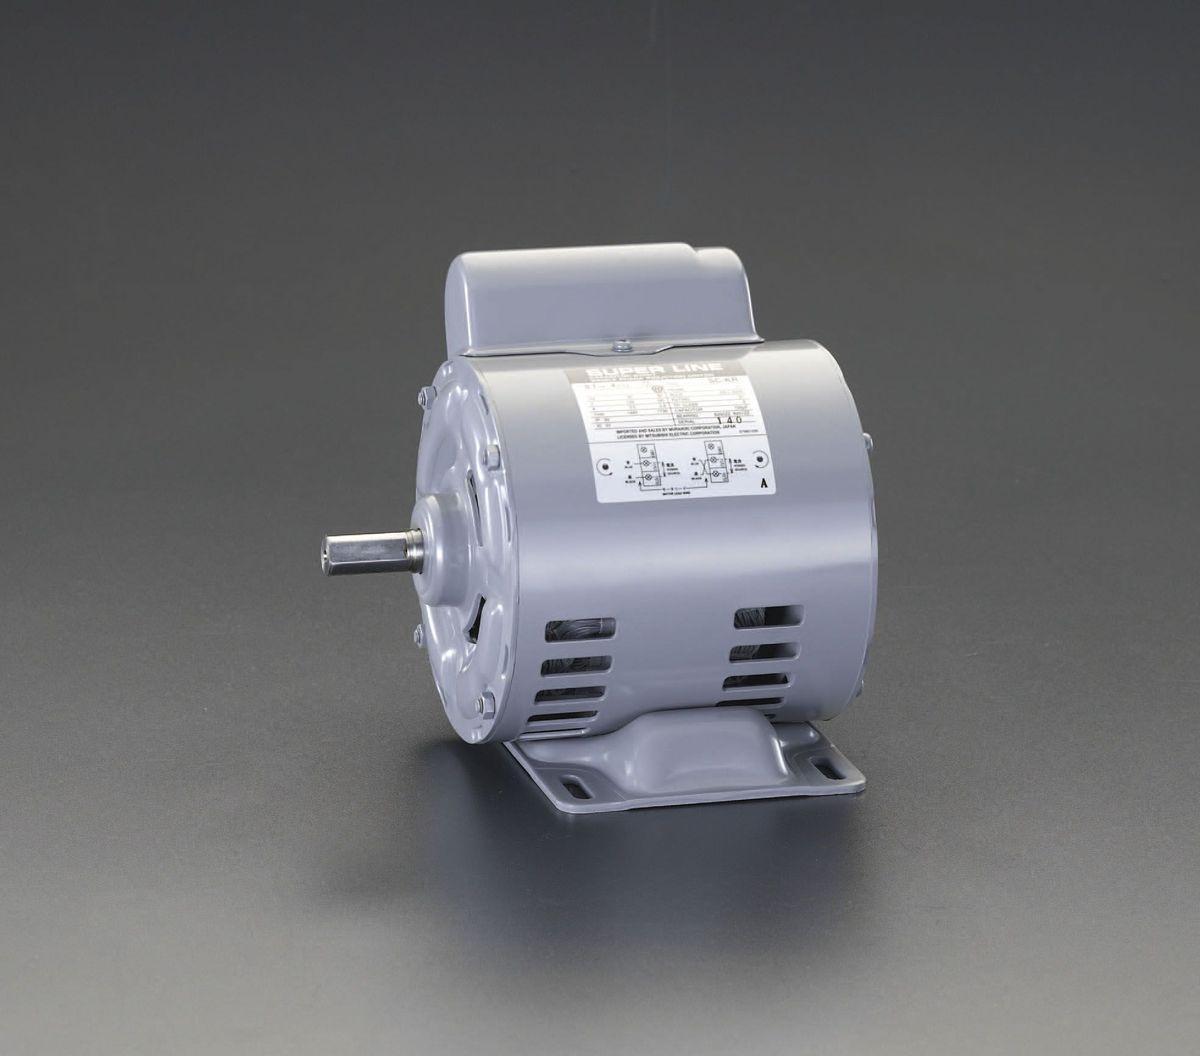 【メーカー在庫あり】 エスコ ESCO AC100V・300W 単相モーター コンデンサ始動式 000012232687 HD店